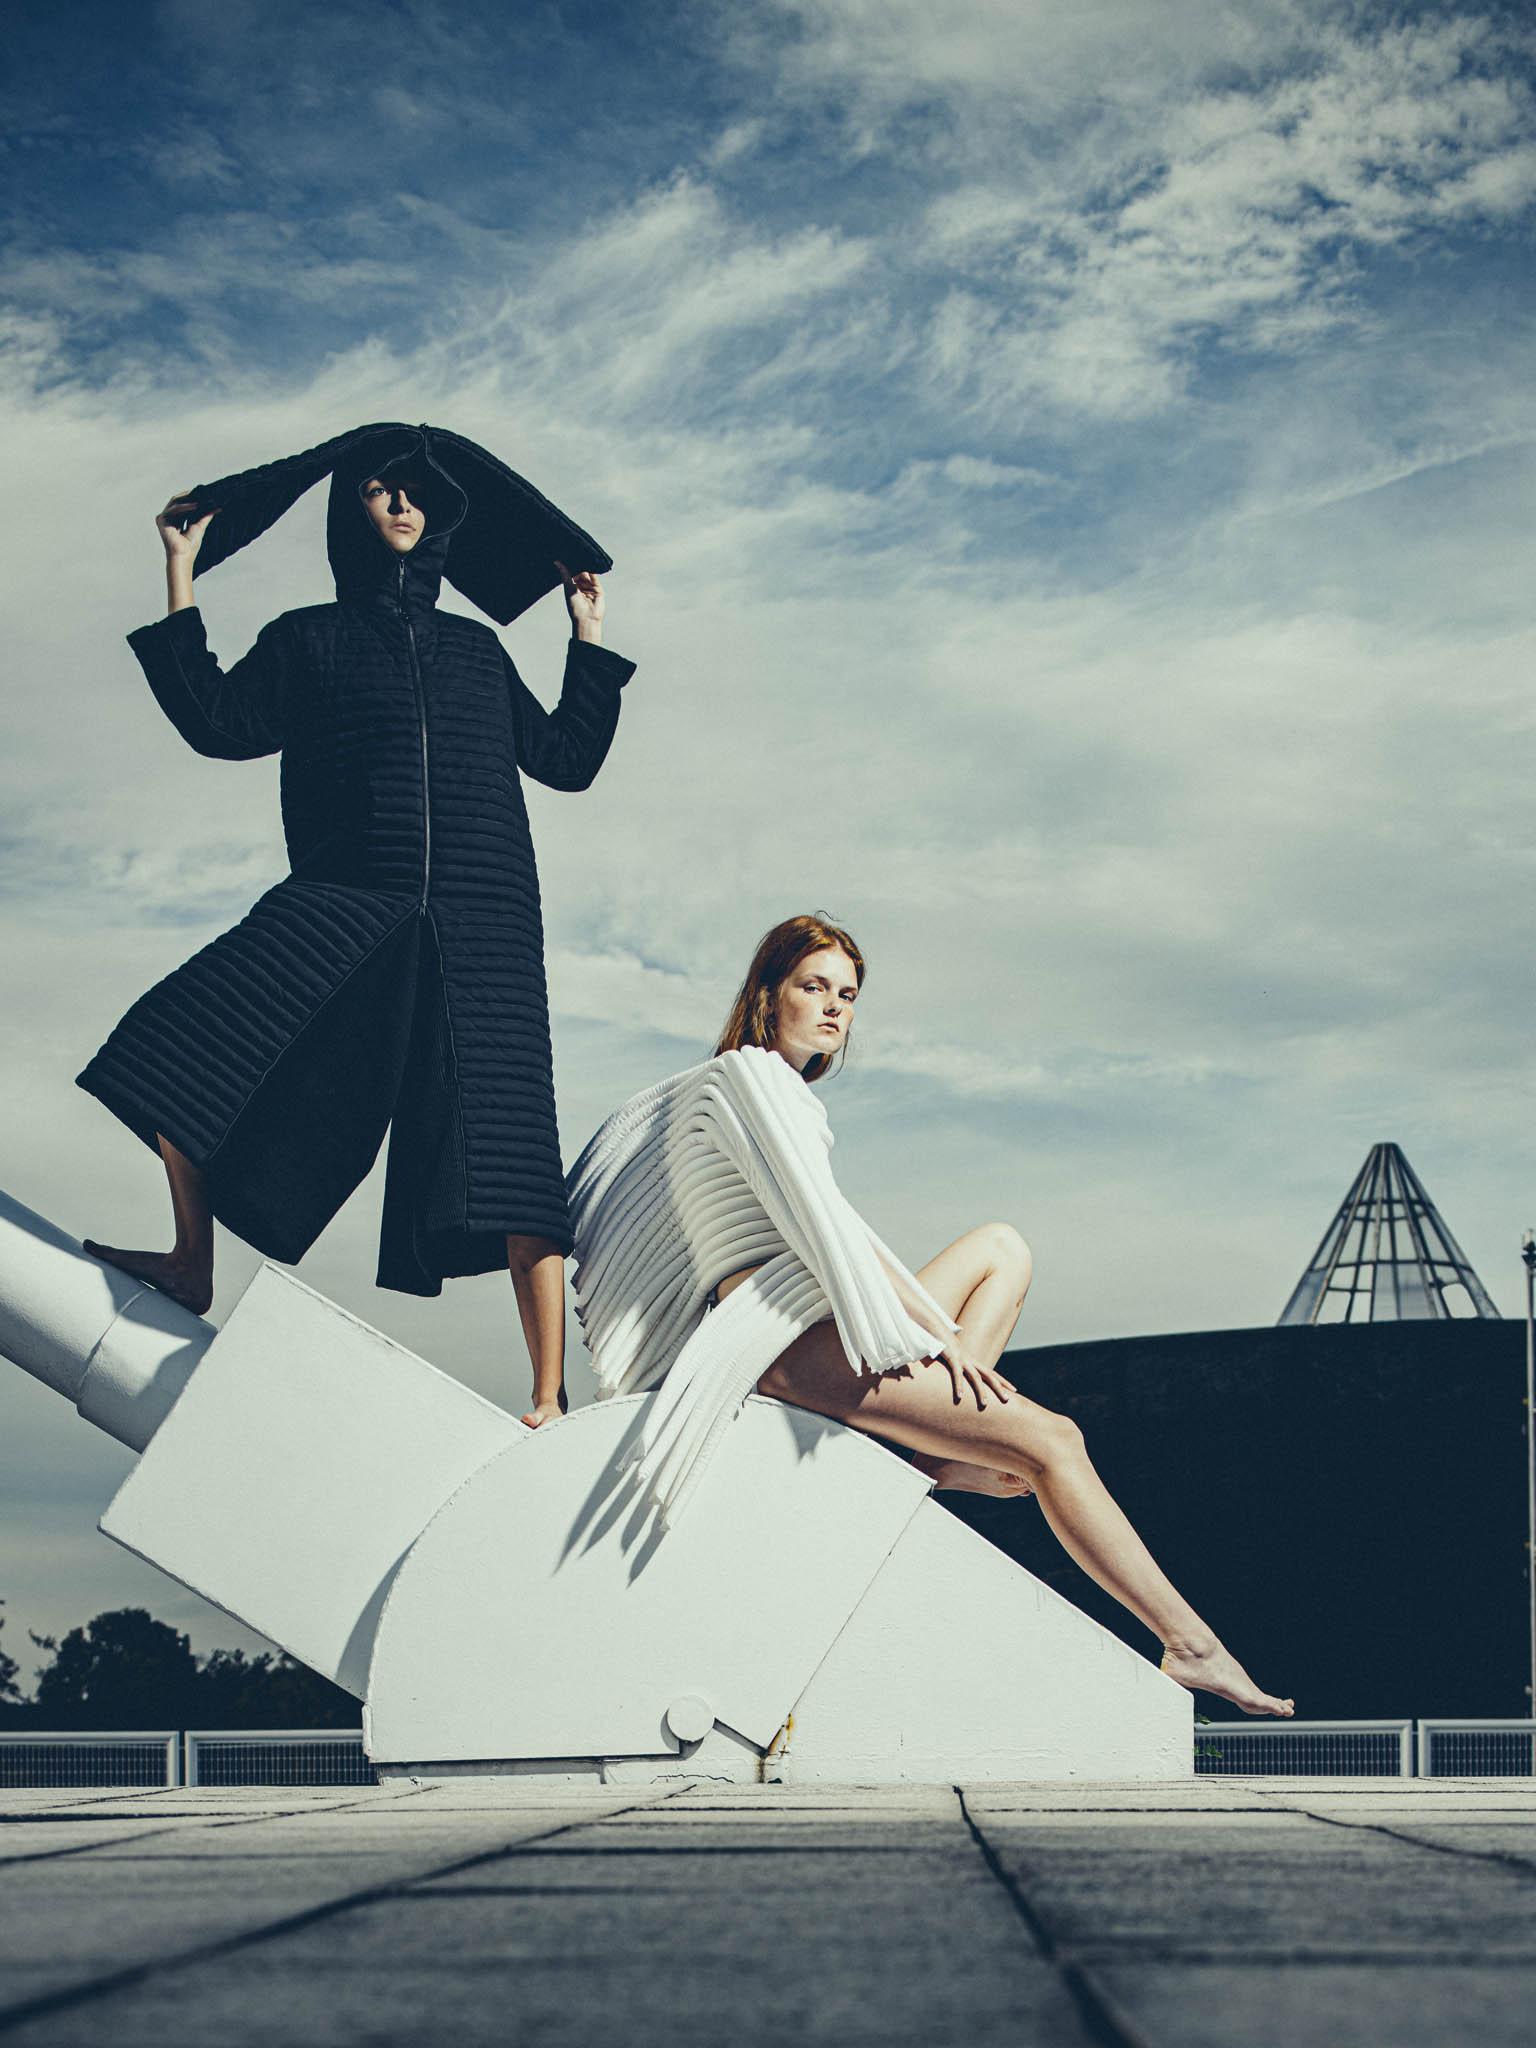 Vlastní značku si Irina založila vroce 2010 abrzy pouvedení první kolekce se ukázalo, jak snadno budou avantgardní díla odDZHUS mezi ostatními rozlišitelná.